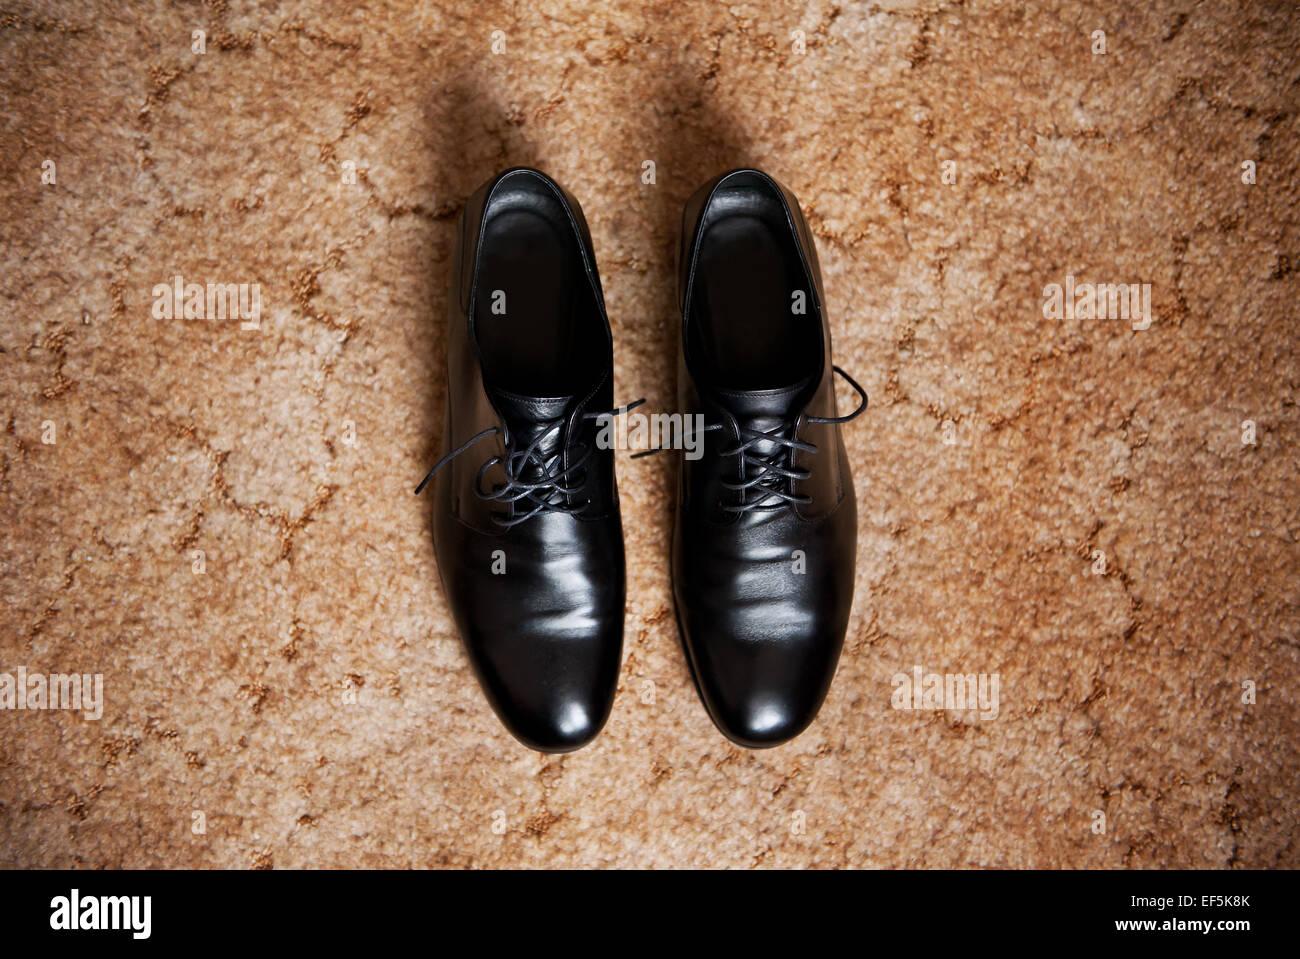 6dd448dc954579 Männliche Kleid Schuhe Eleganz Hochzeit Bräutigam Stiefel Stockbild